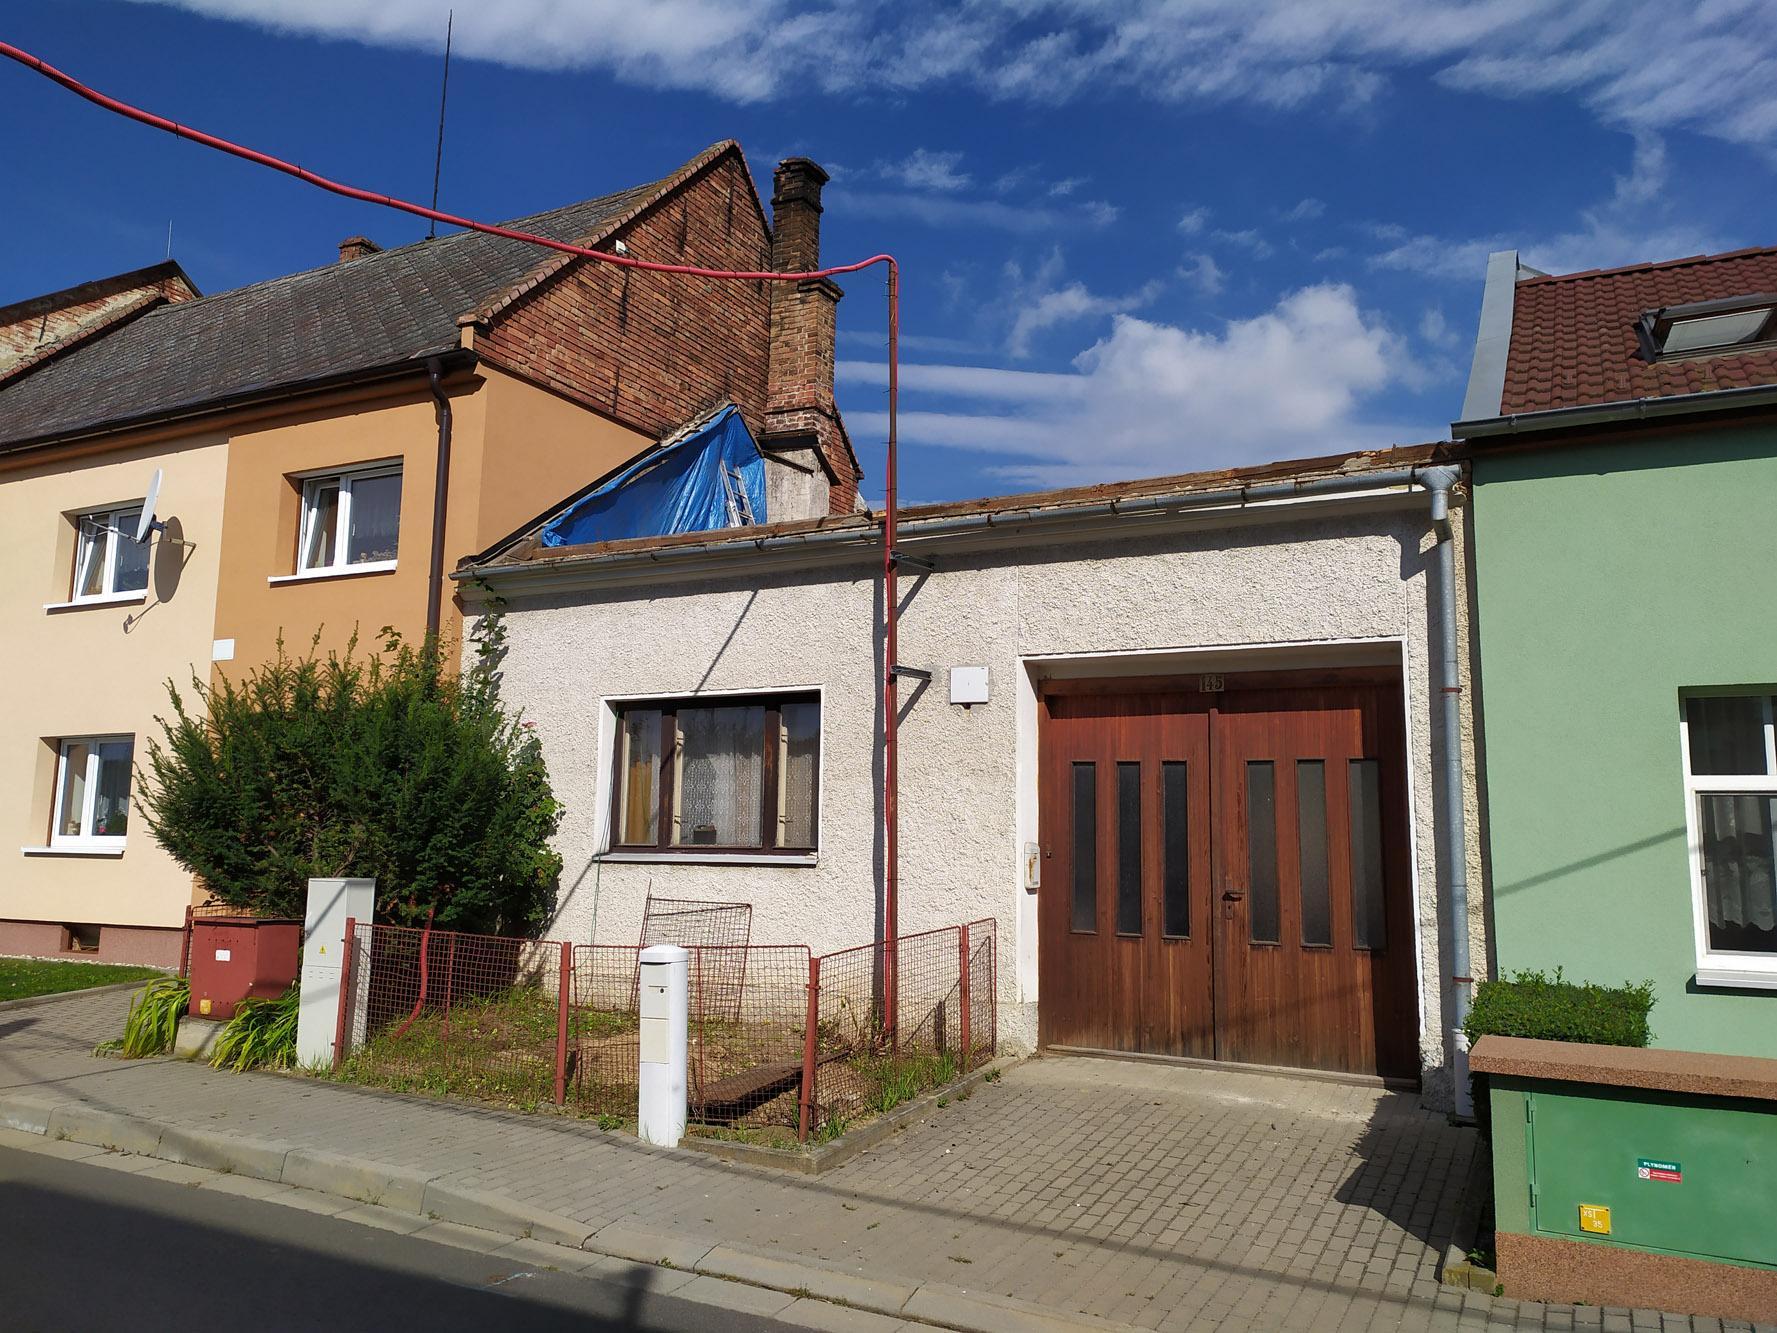 Bourání staré a stavba nové řadovky - Obrázek č. 40